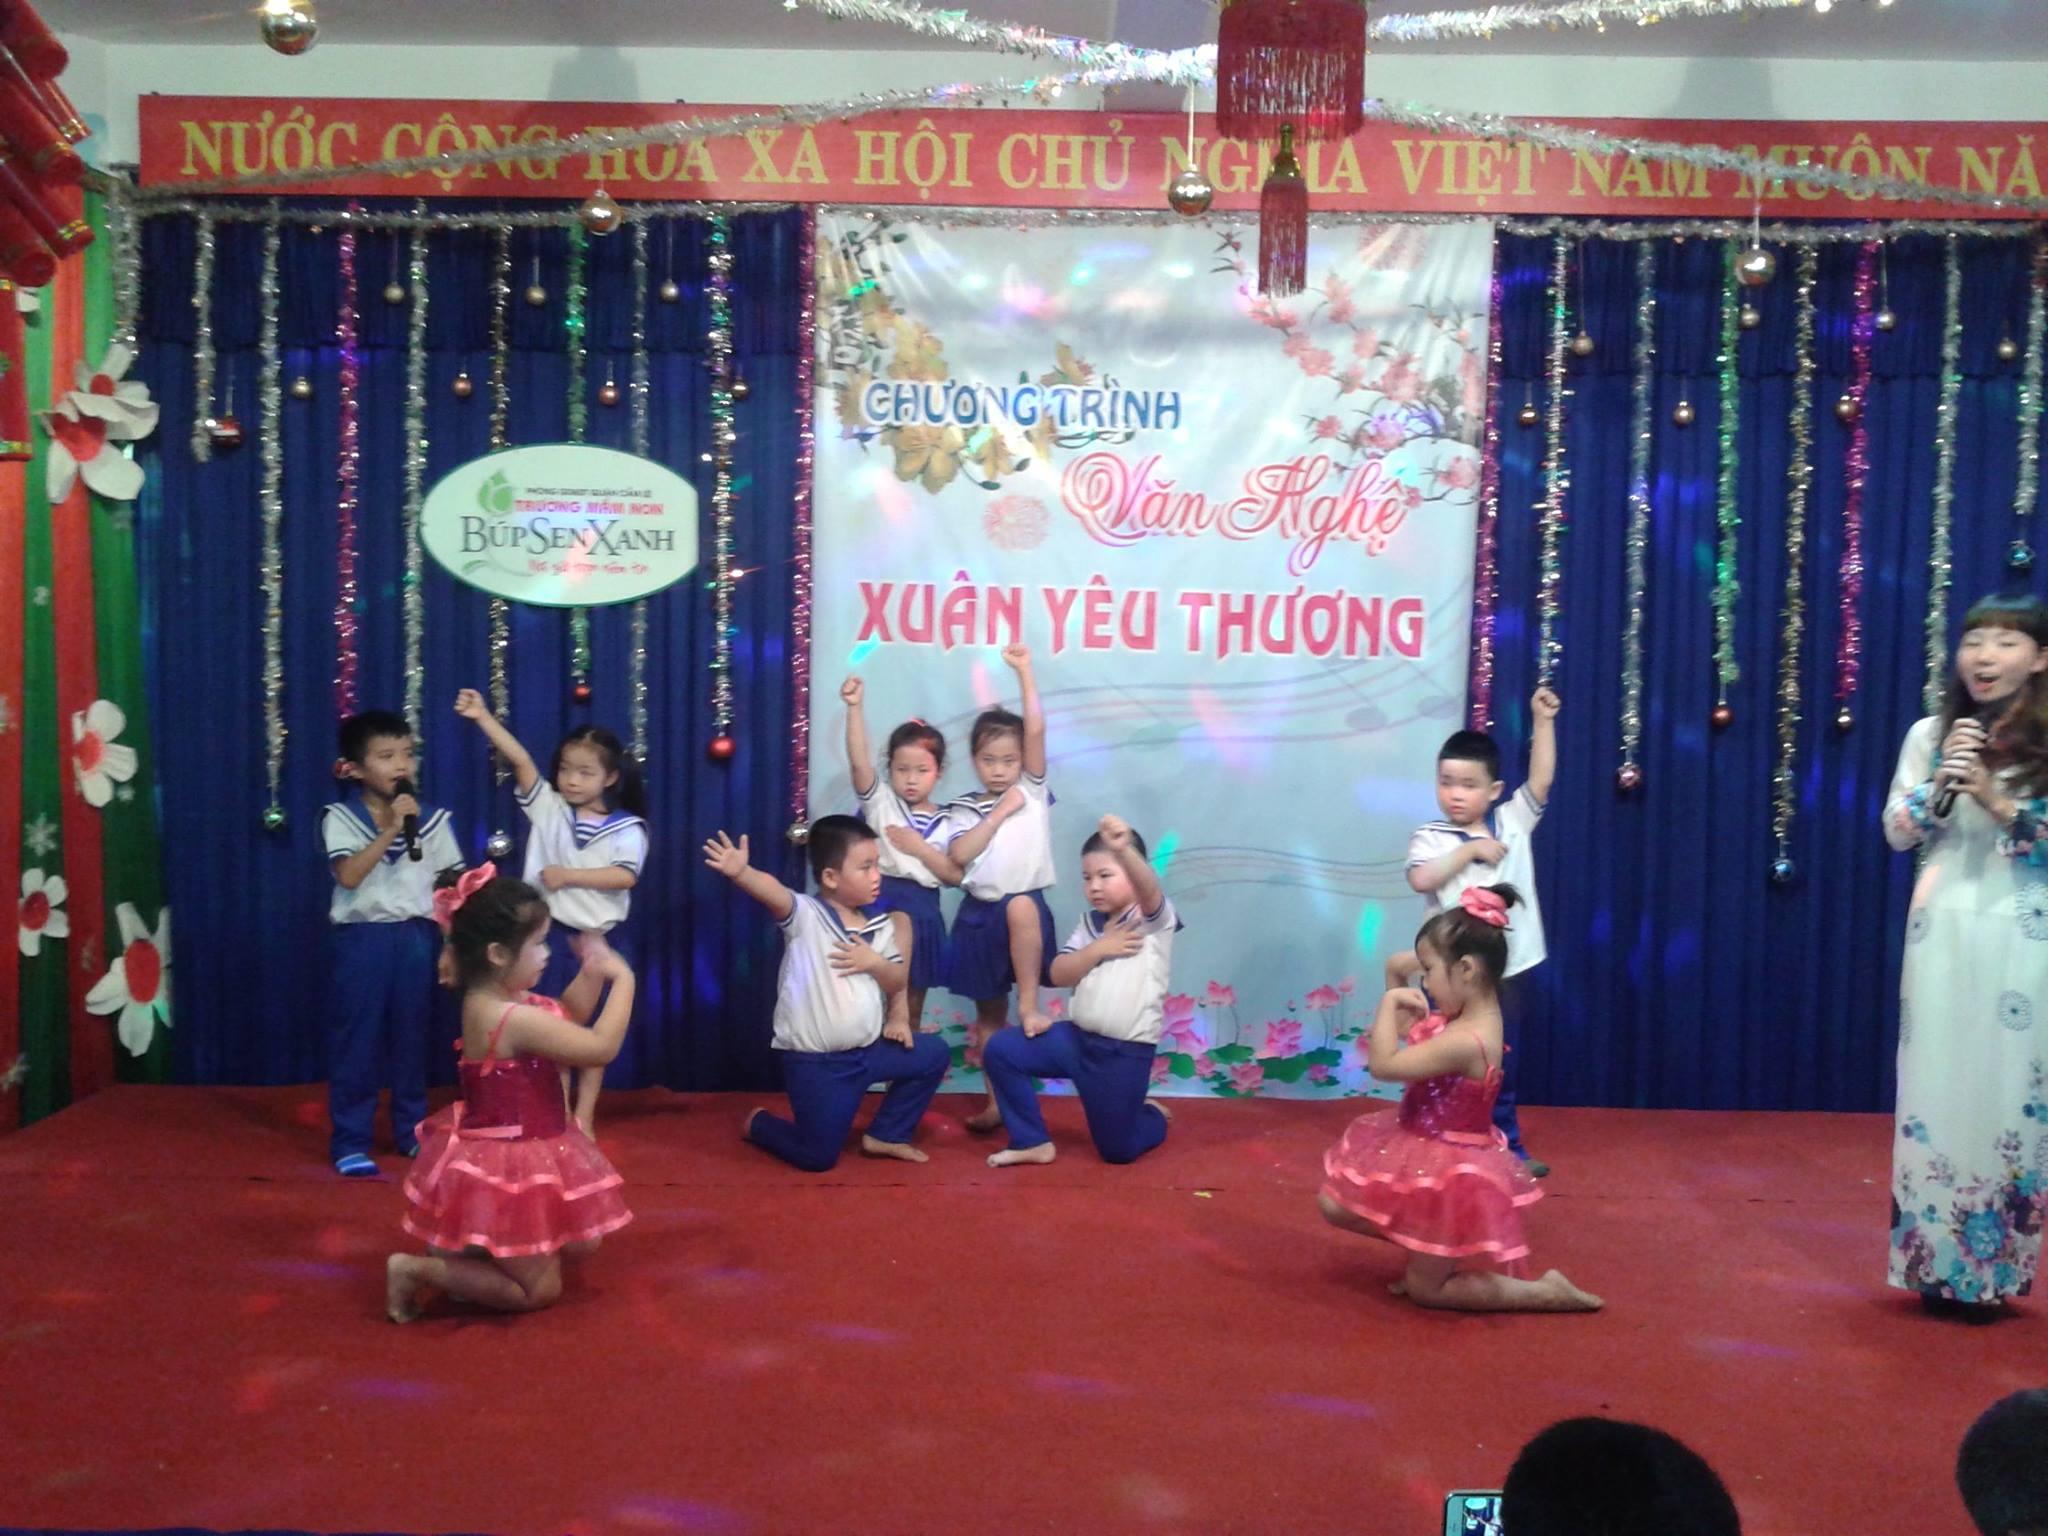 Trường mầm non Búp Sen Xanh - Ngô Nhân Tịnh